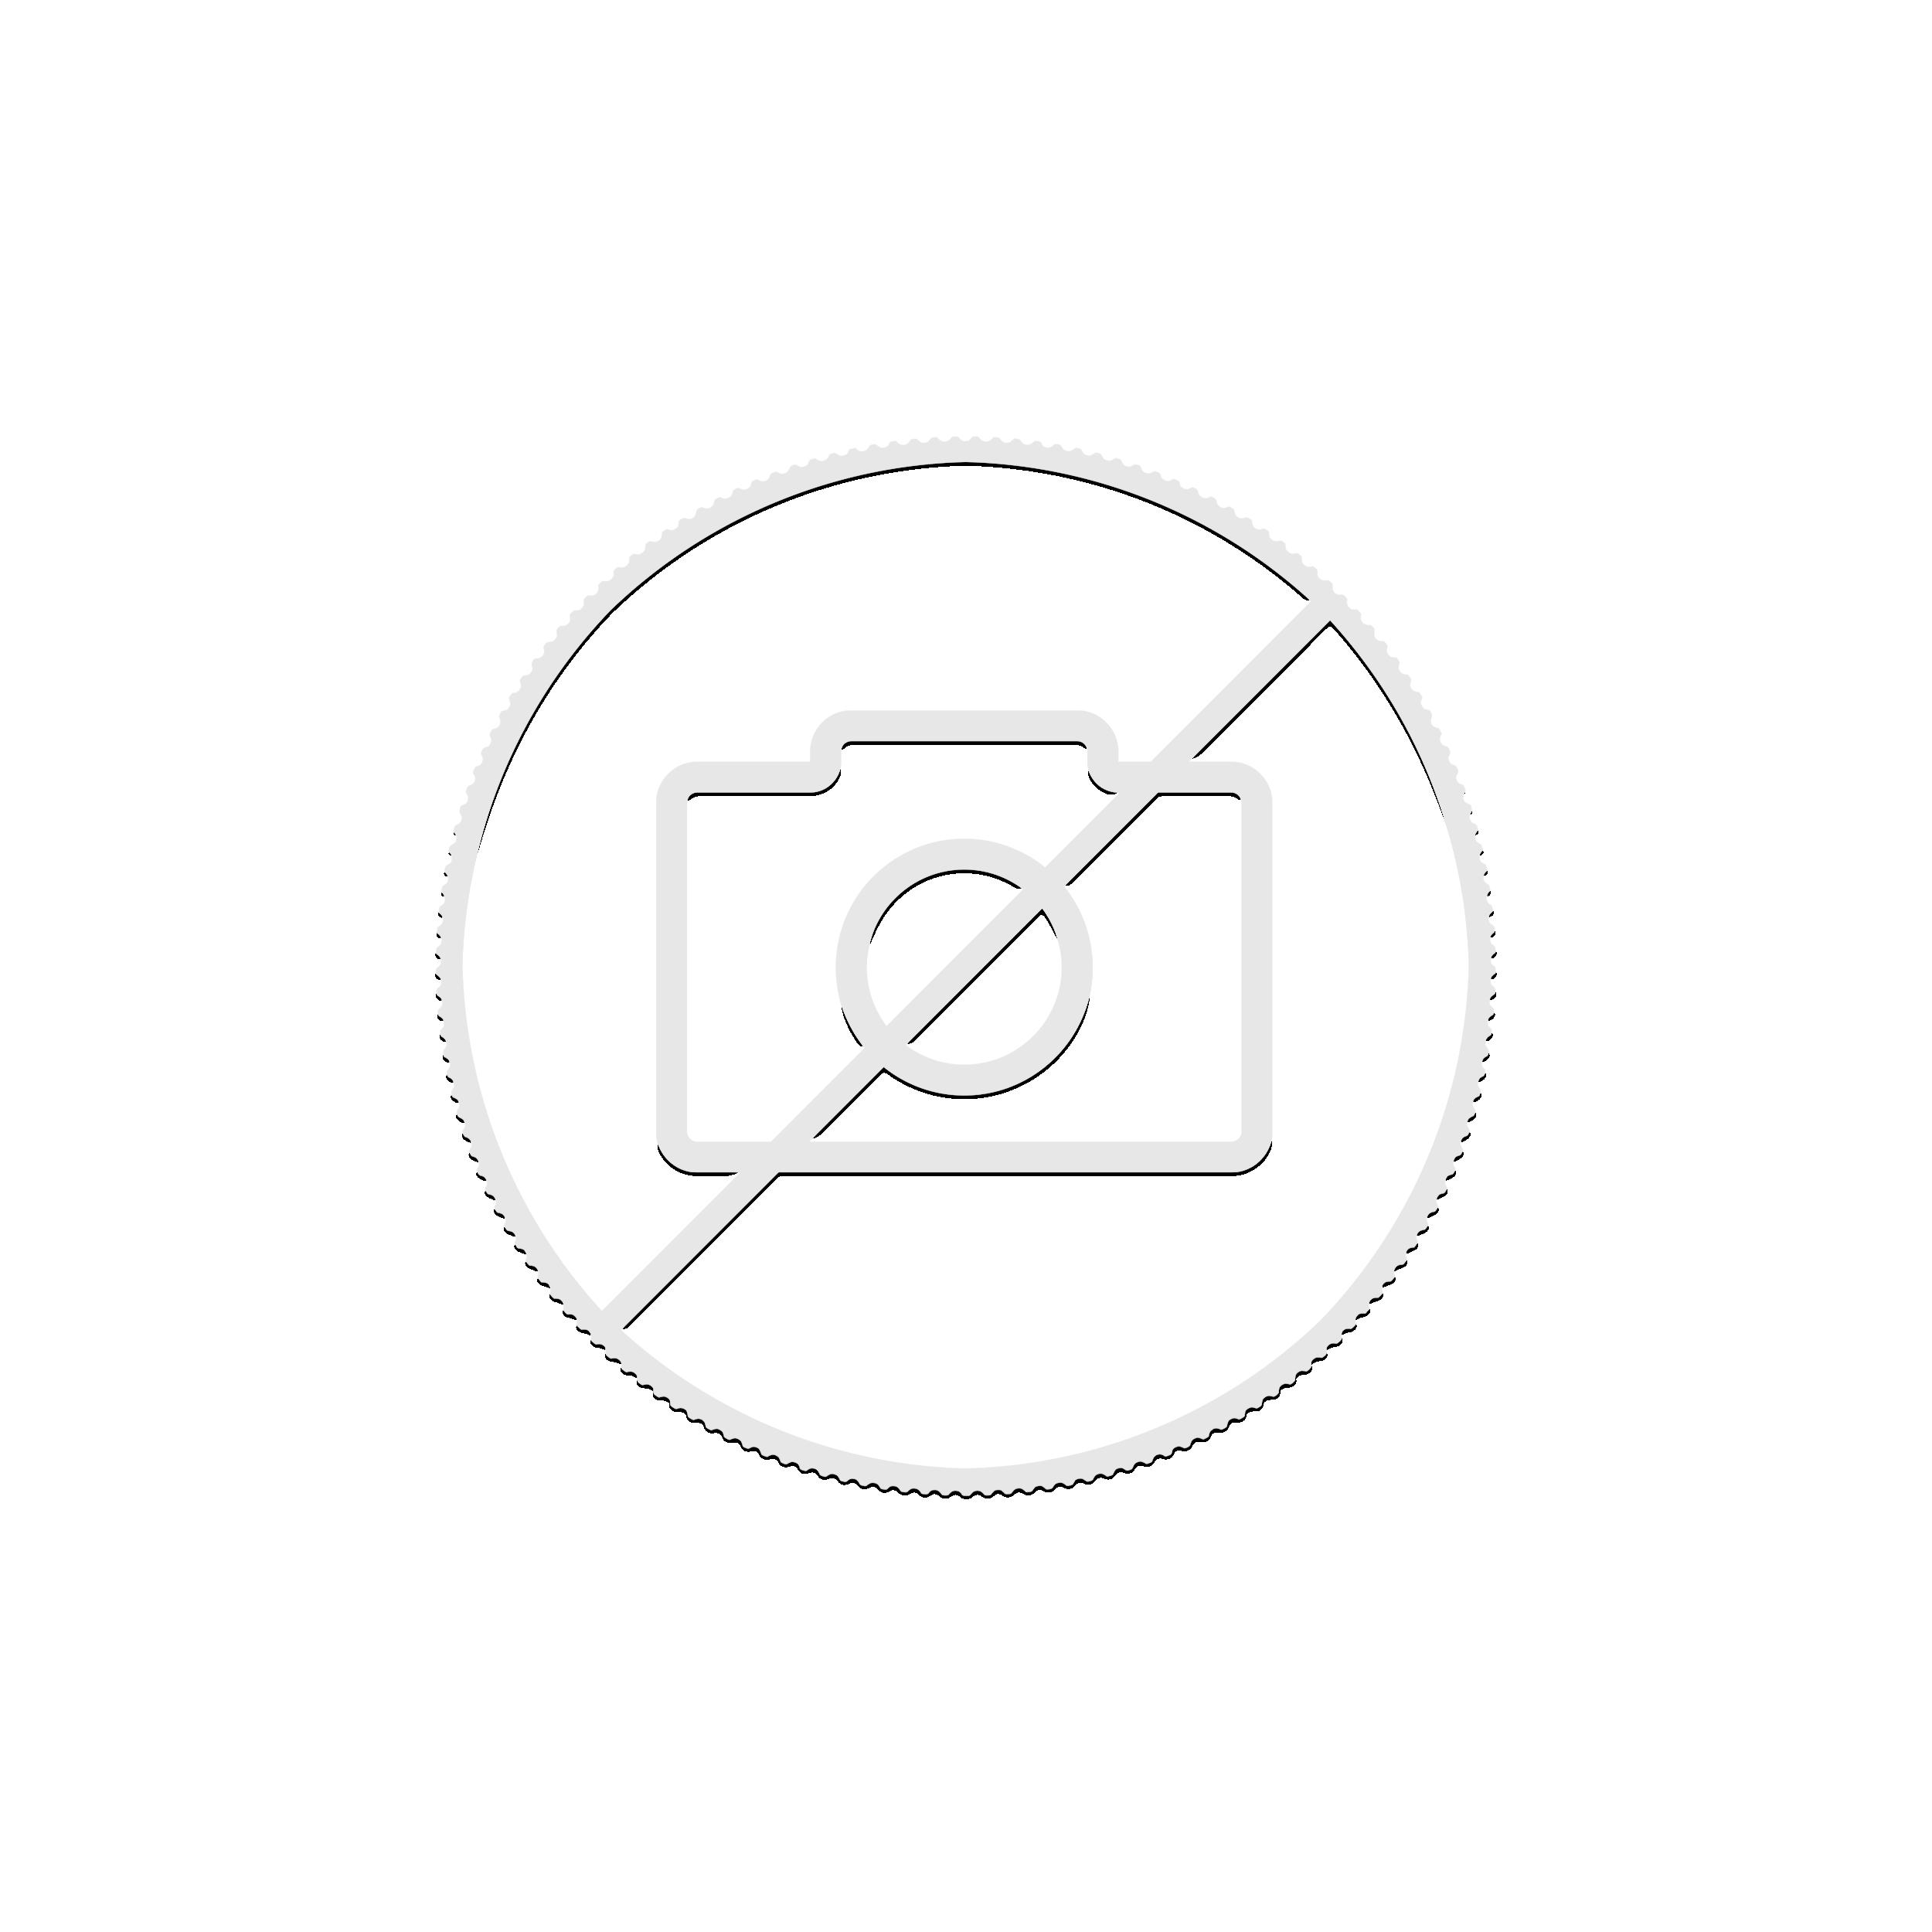 1 kilo Cook Islands silver coin bar